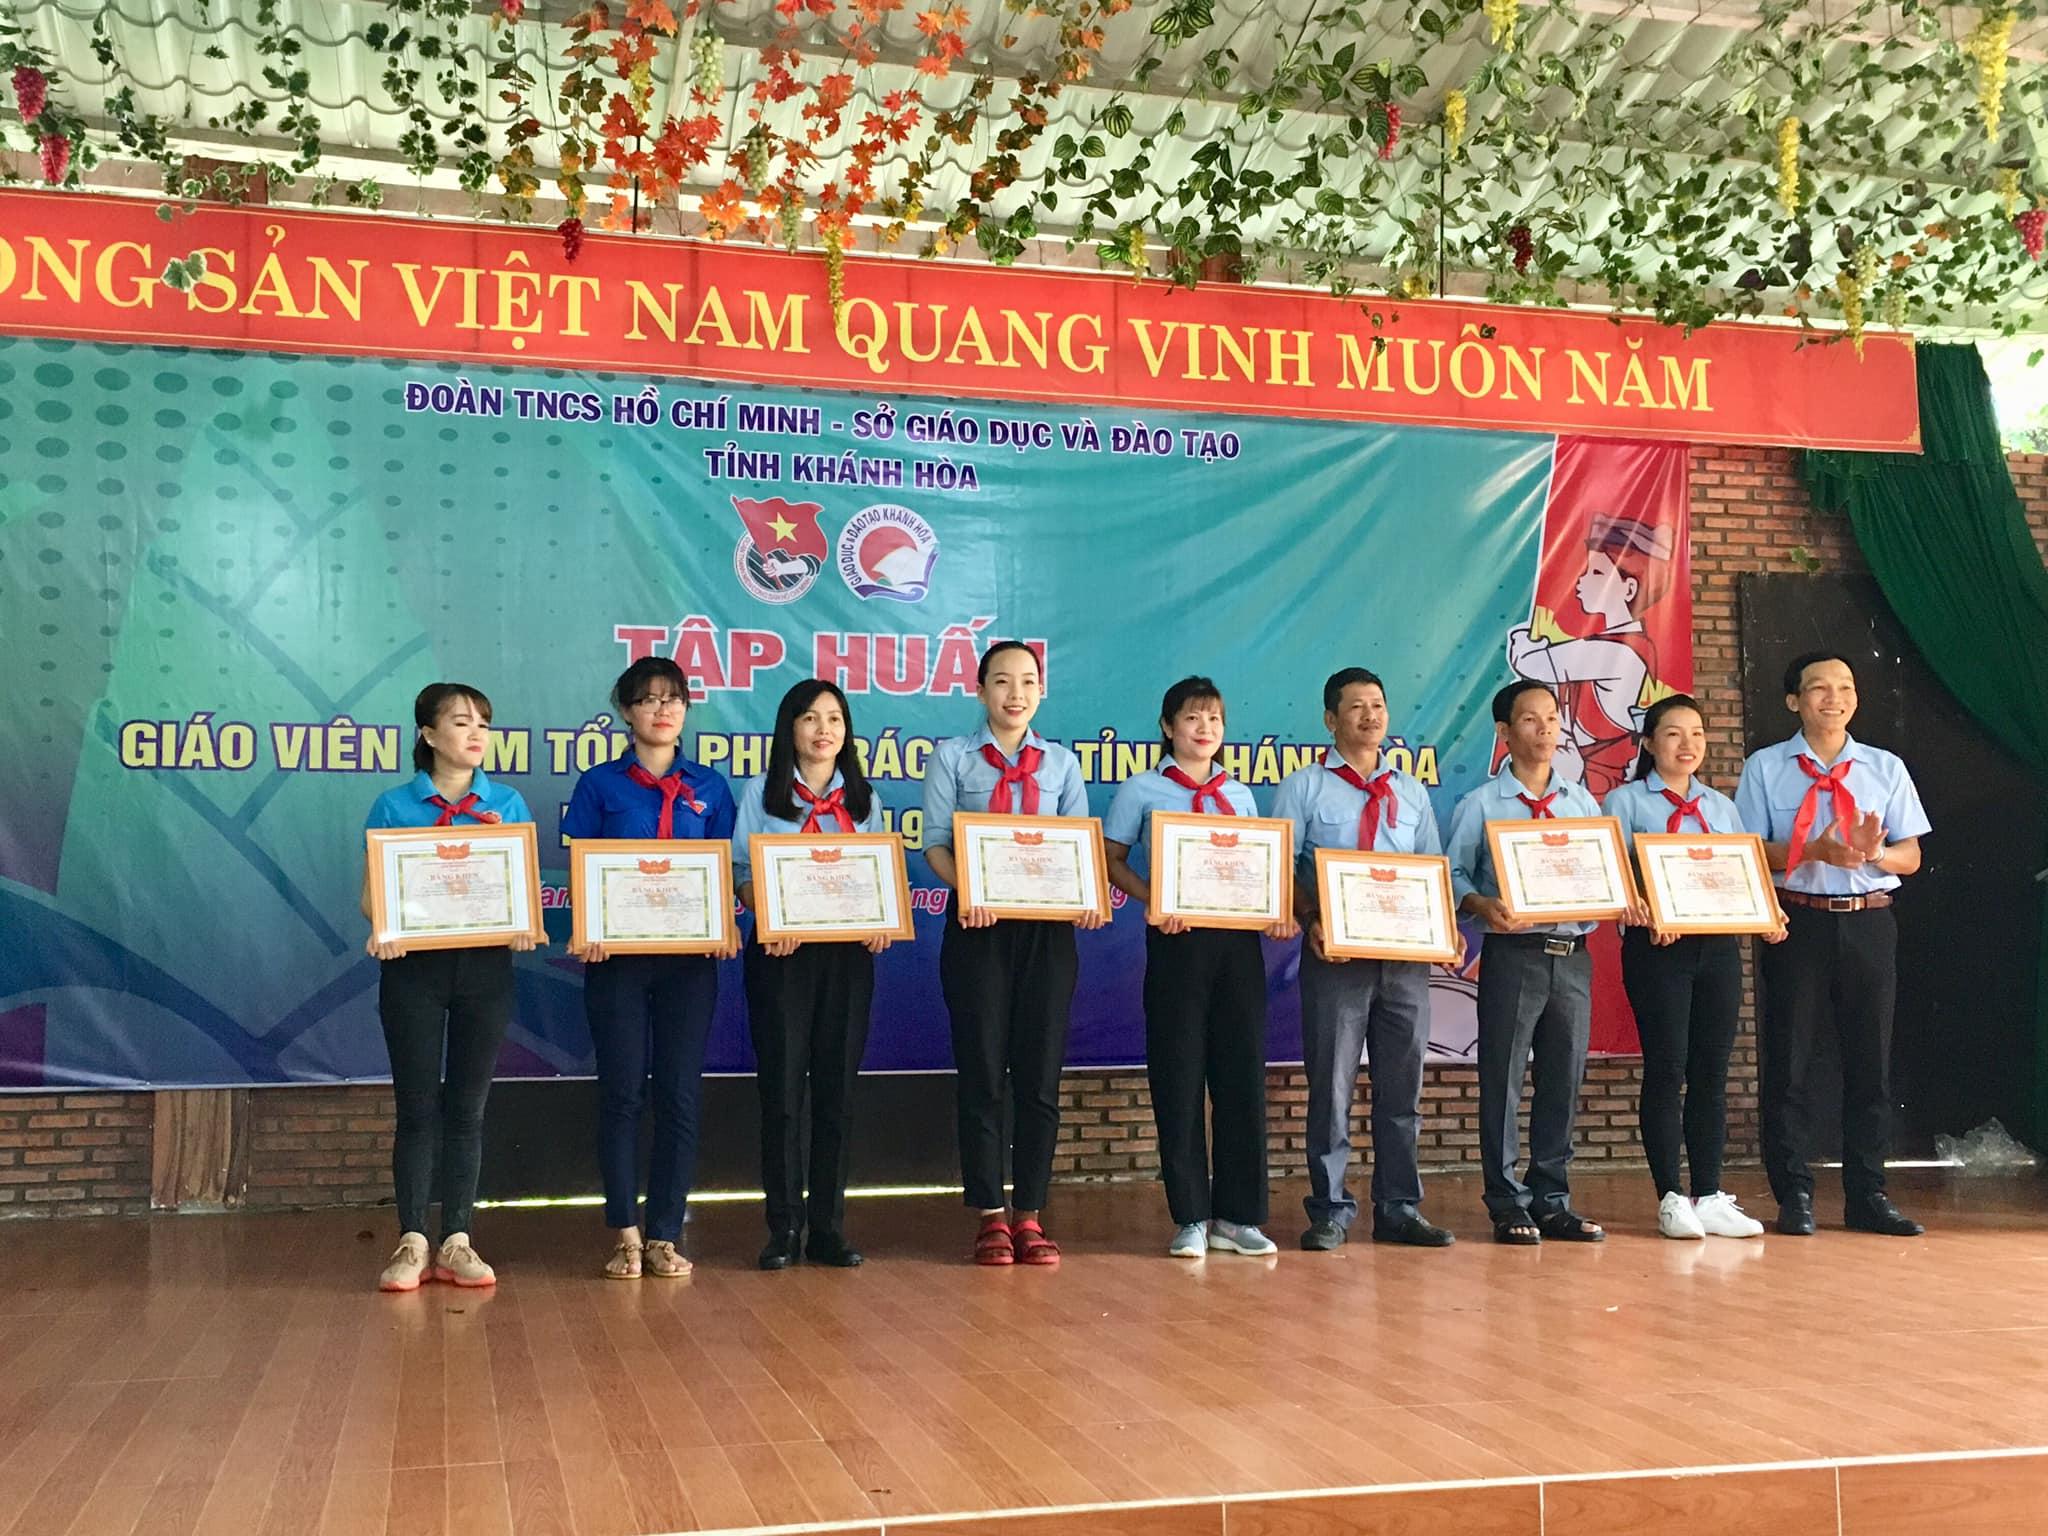 Bế mạc lớp Tập huấn Giáo viên làm Tổng phụ trách Đội tỉnh Khánh Hoà năm học 2019-2020 5